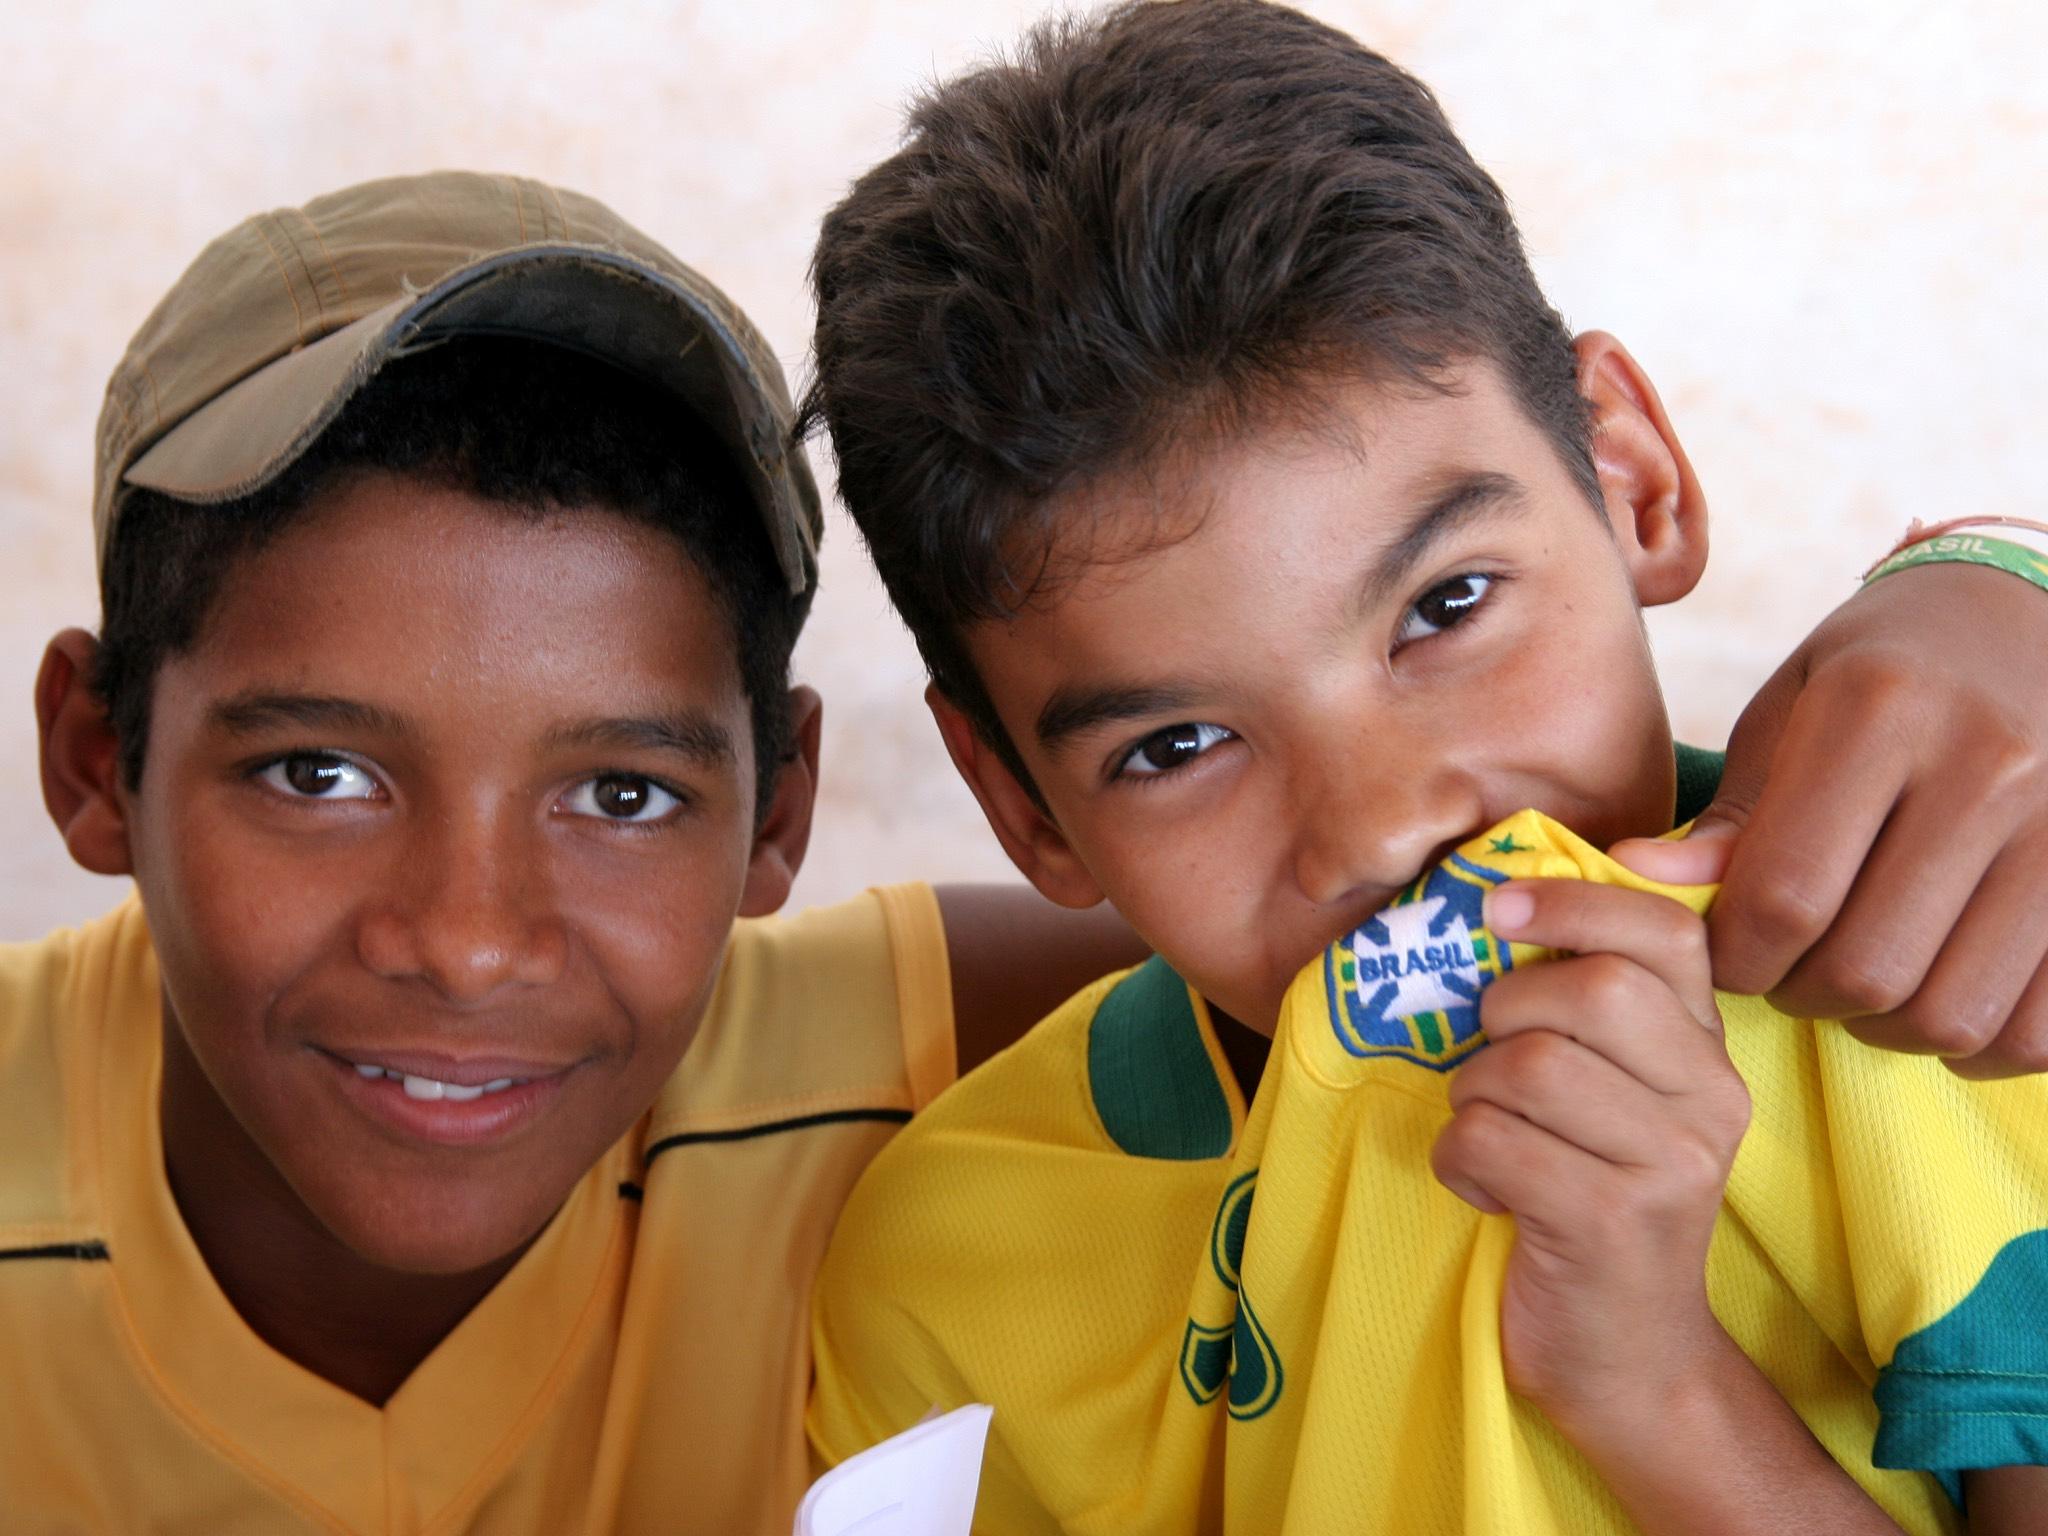 Die DAHW unterstützt Kinder- und Jugenprojekte in Brasilien. Foto: © Rolf Bauerdick/DAHW